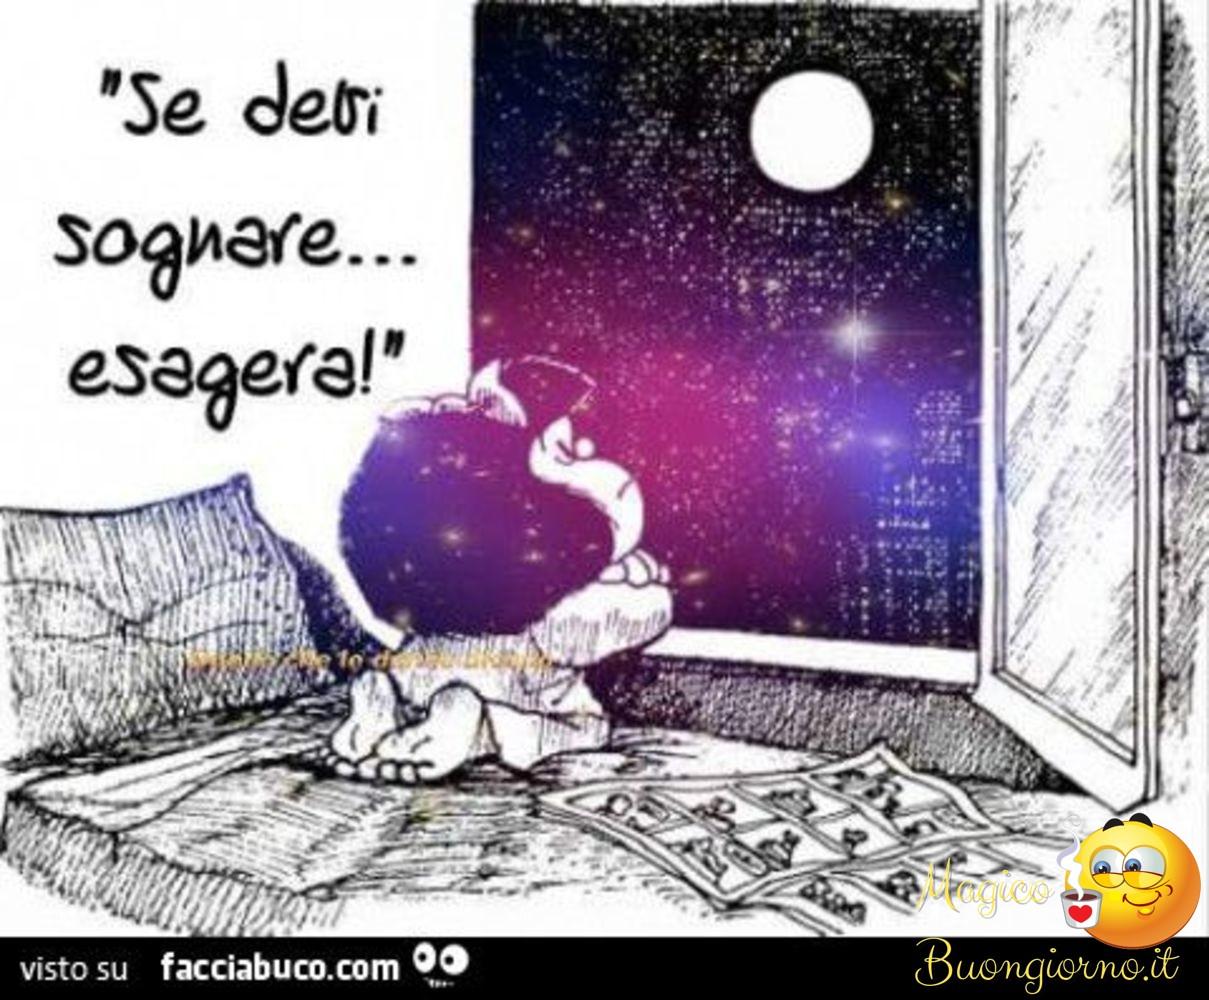 Buonanotte Immagini Foto Belle Da Scaricare Gratis Magicobuongiornoit